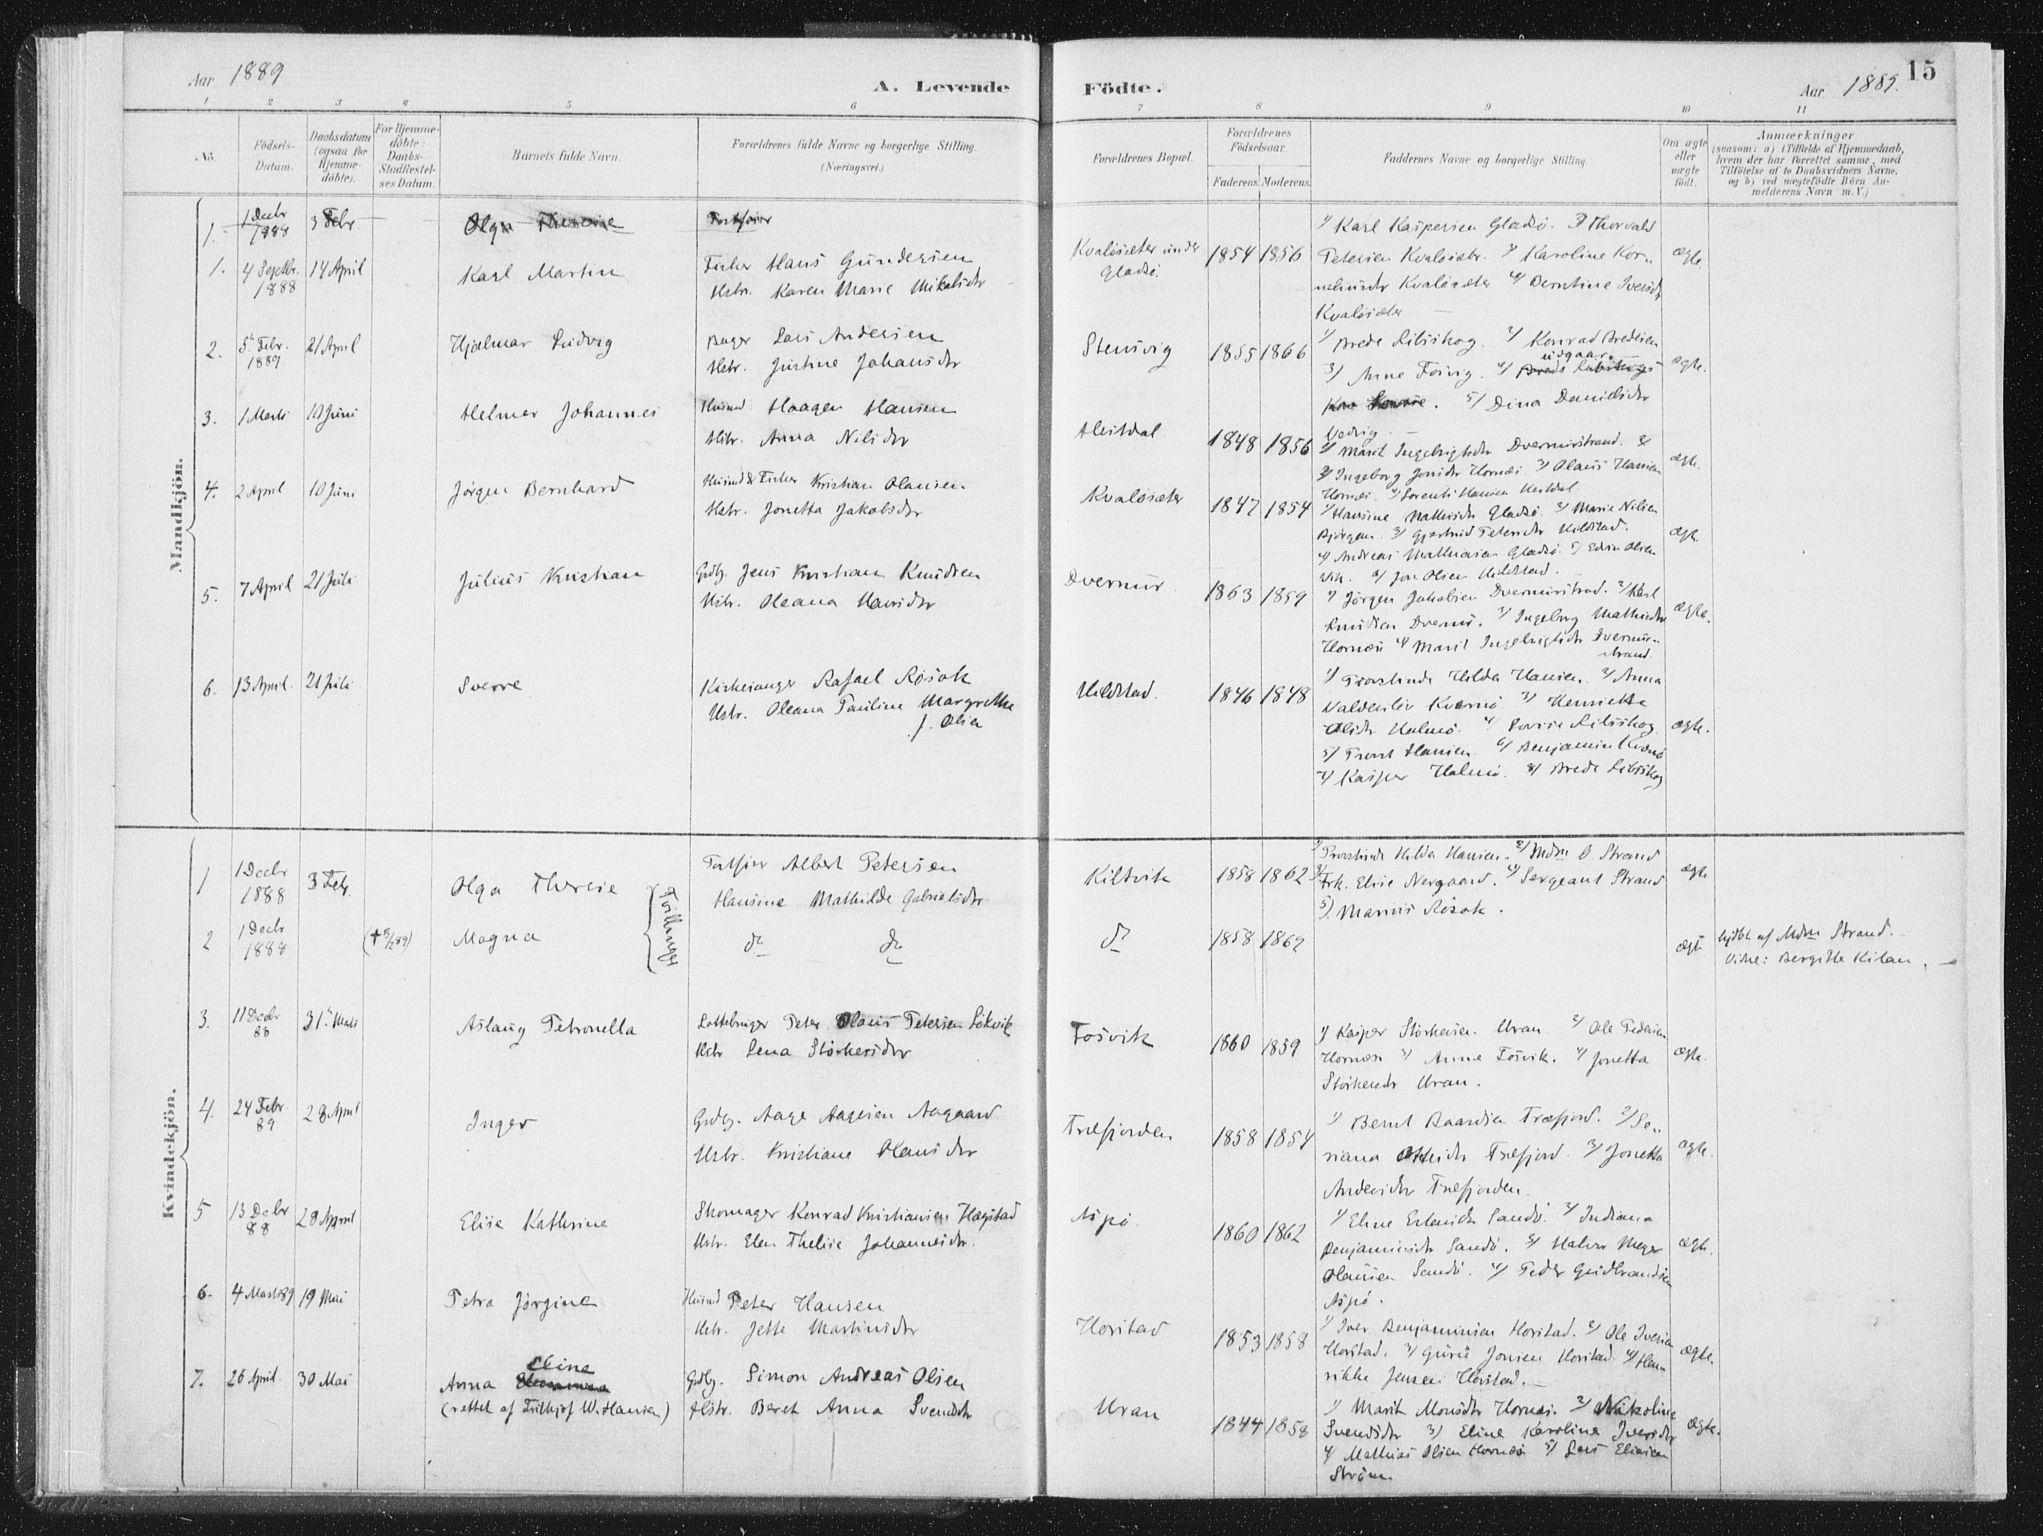 SAT, Ministerialprotokoller, klokkerbøker og fødselsregistre - Nord-Trøndelag, 771/L0597: Ministerialbok nr. 771A04, 1885-1910, s. 15